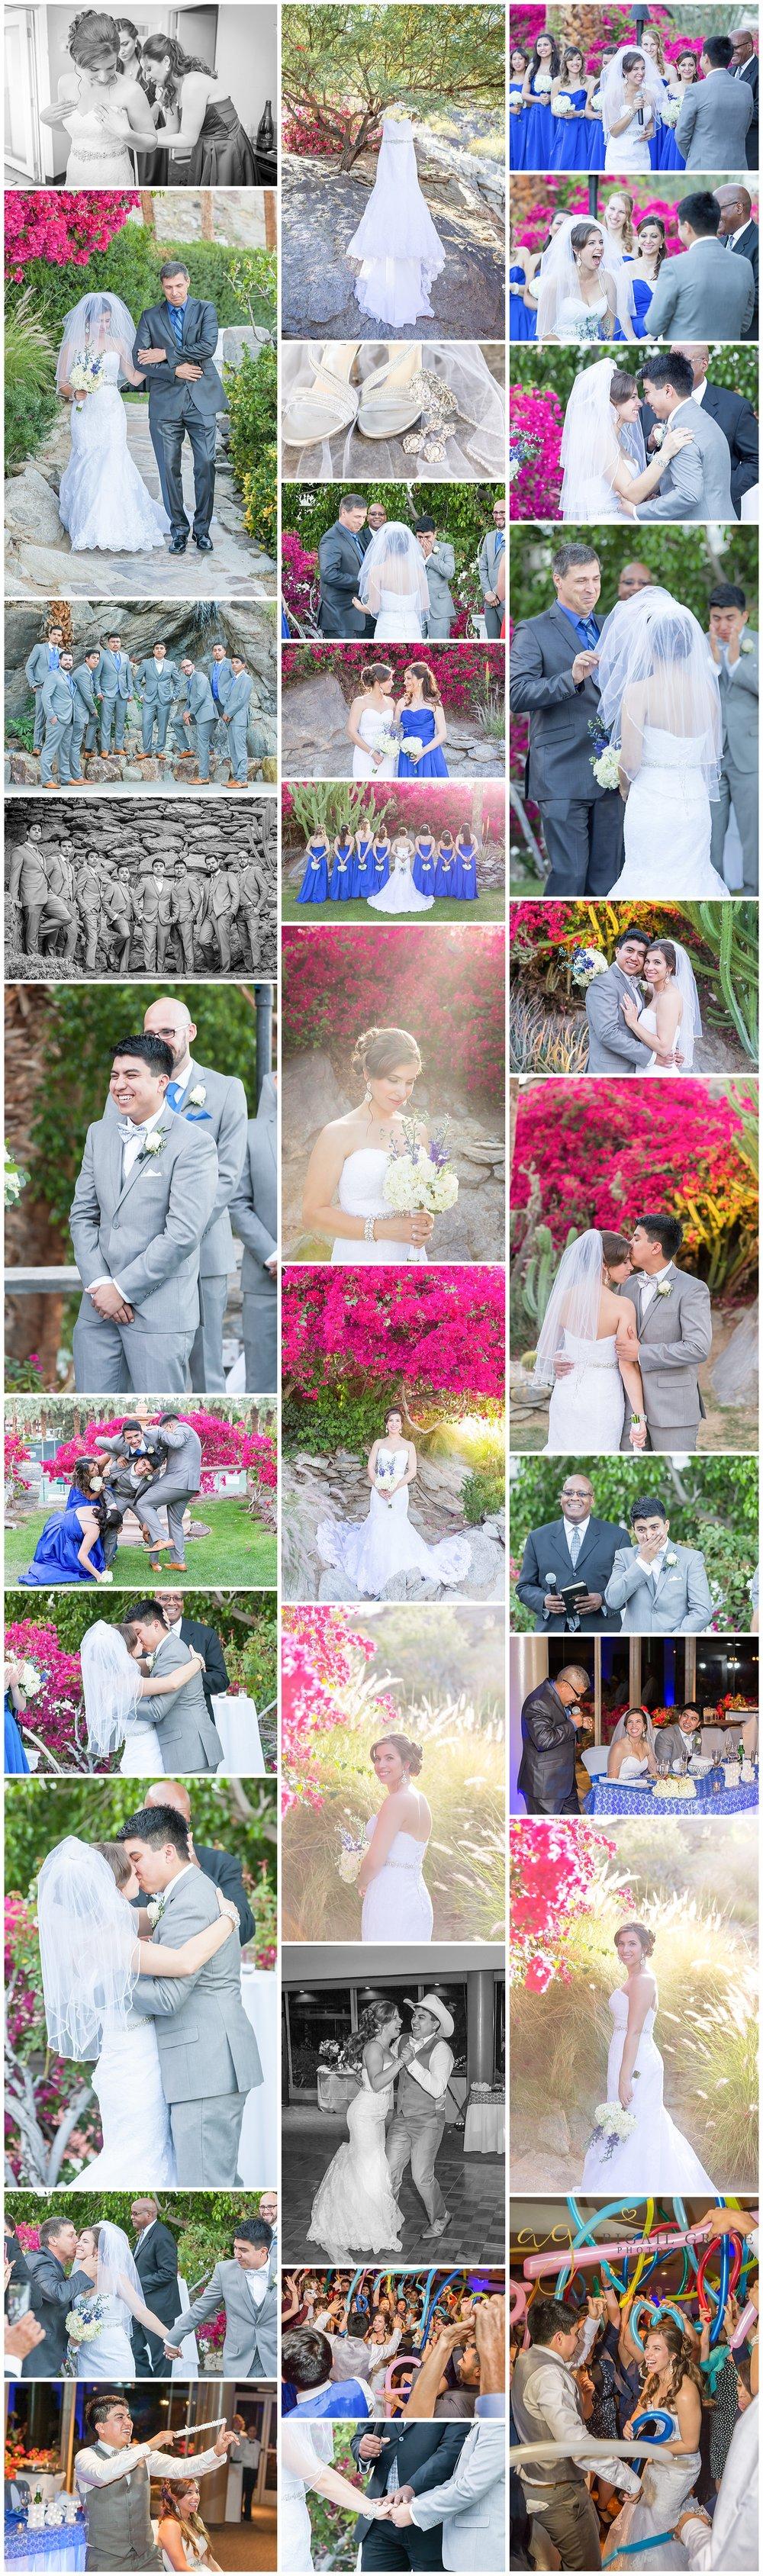 Palm Springs Spencers Restaurant Wedding Photos